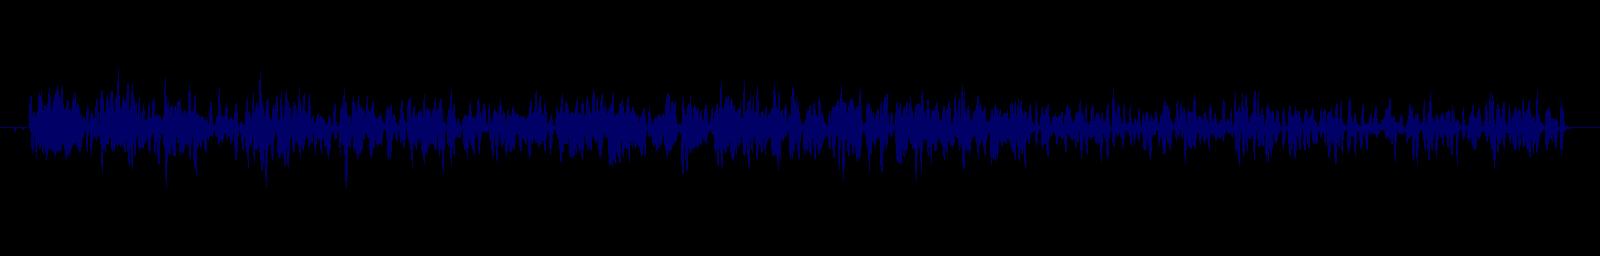 waveform of track #109330